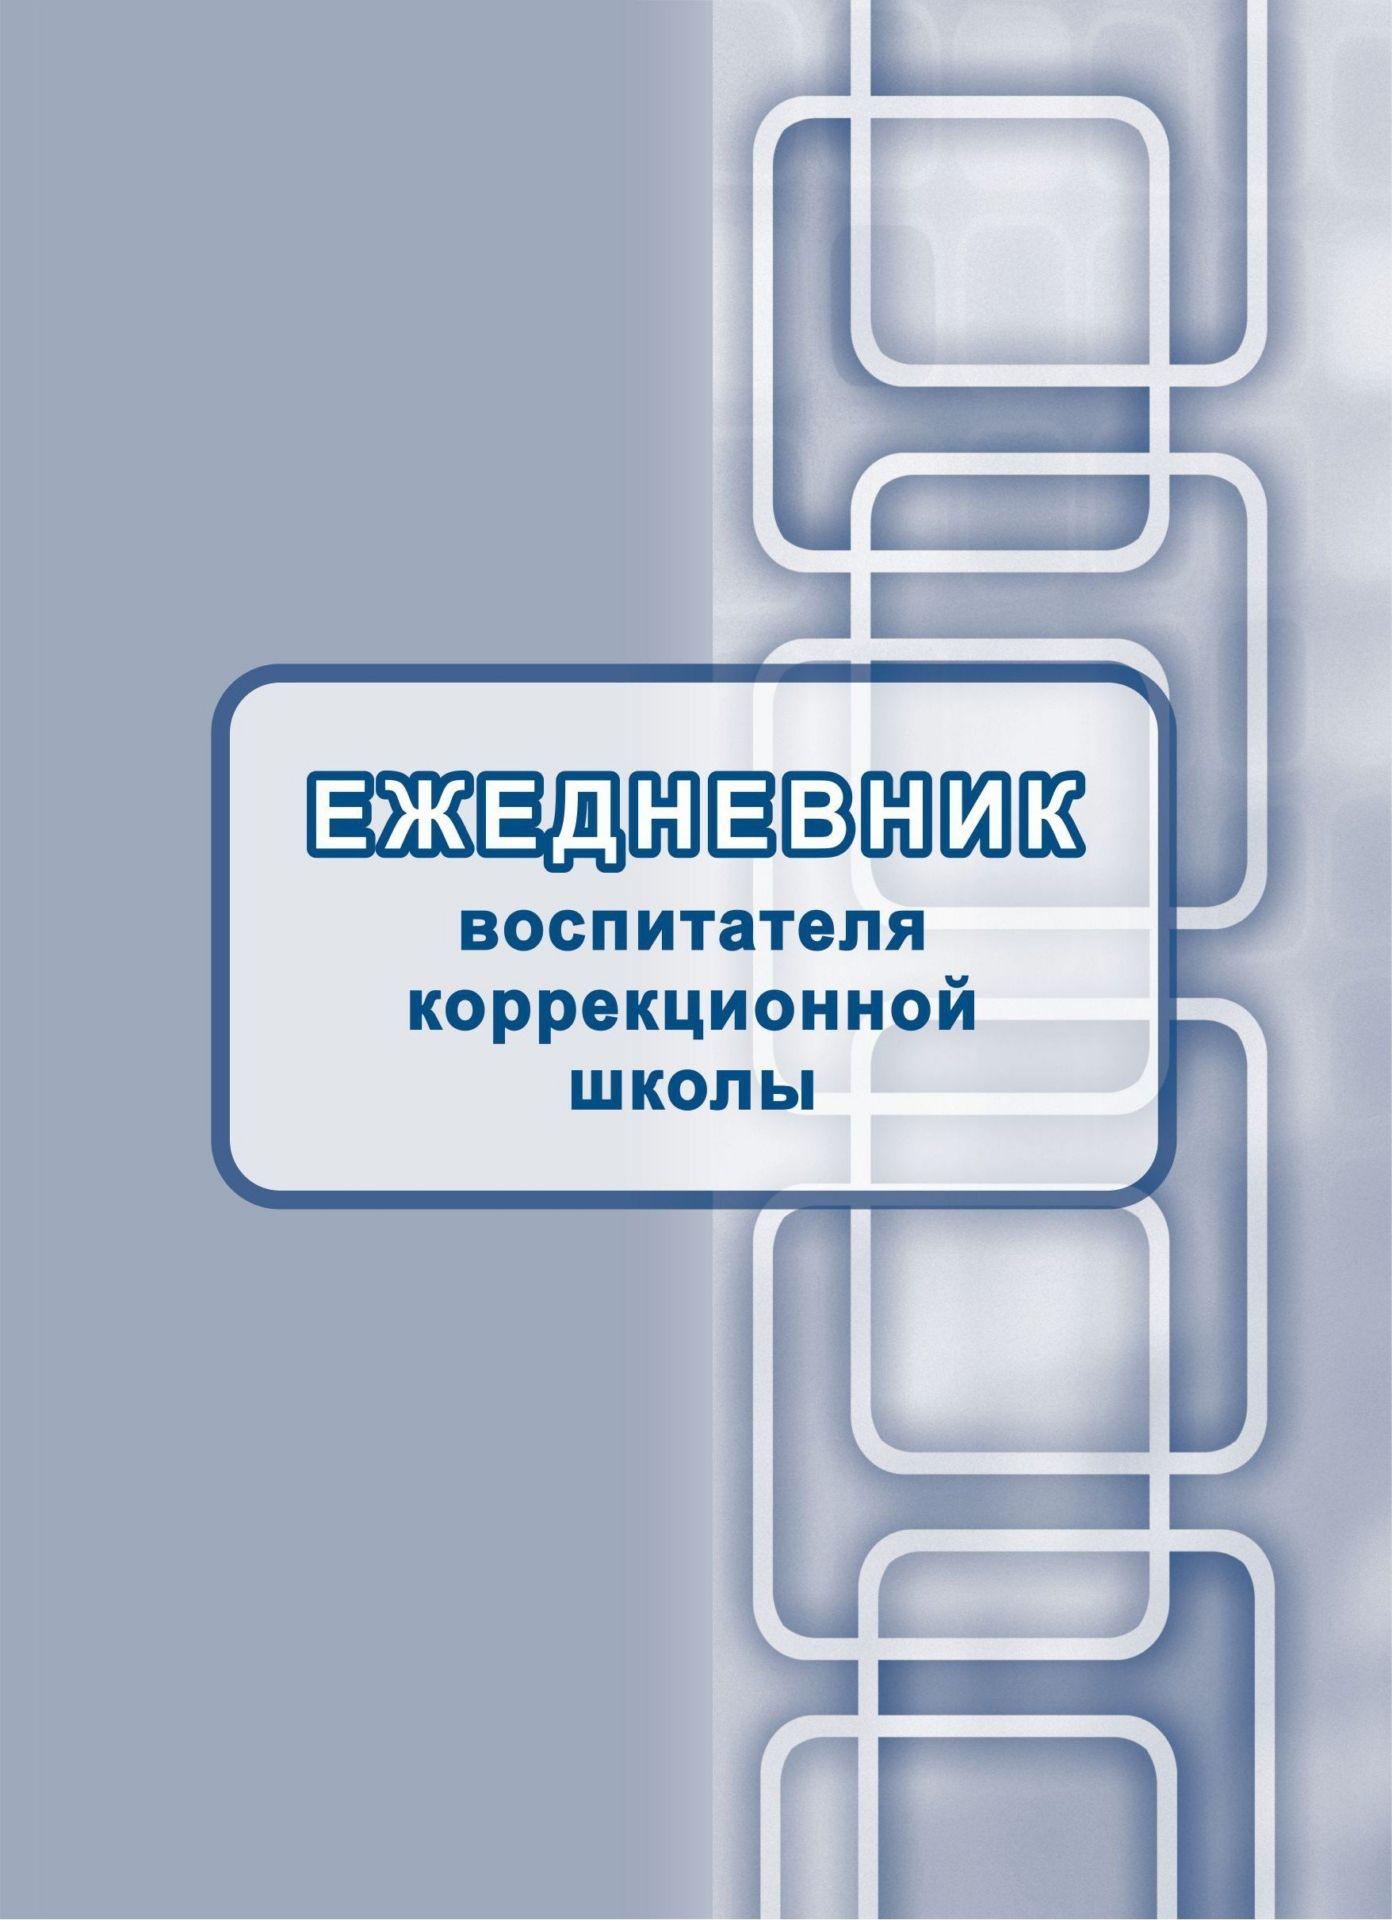 Ежедневник воспитателя коррекционной школы